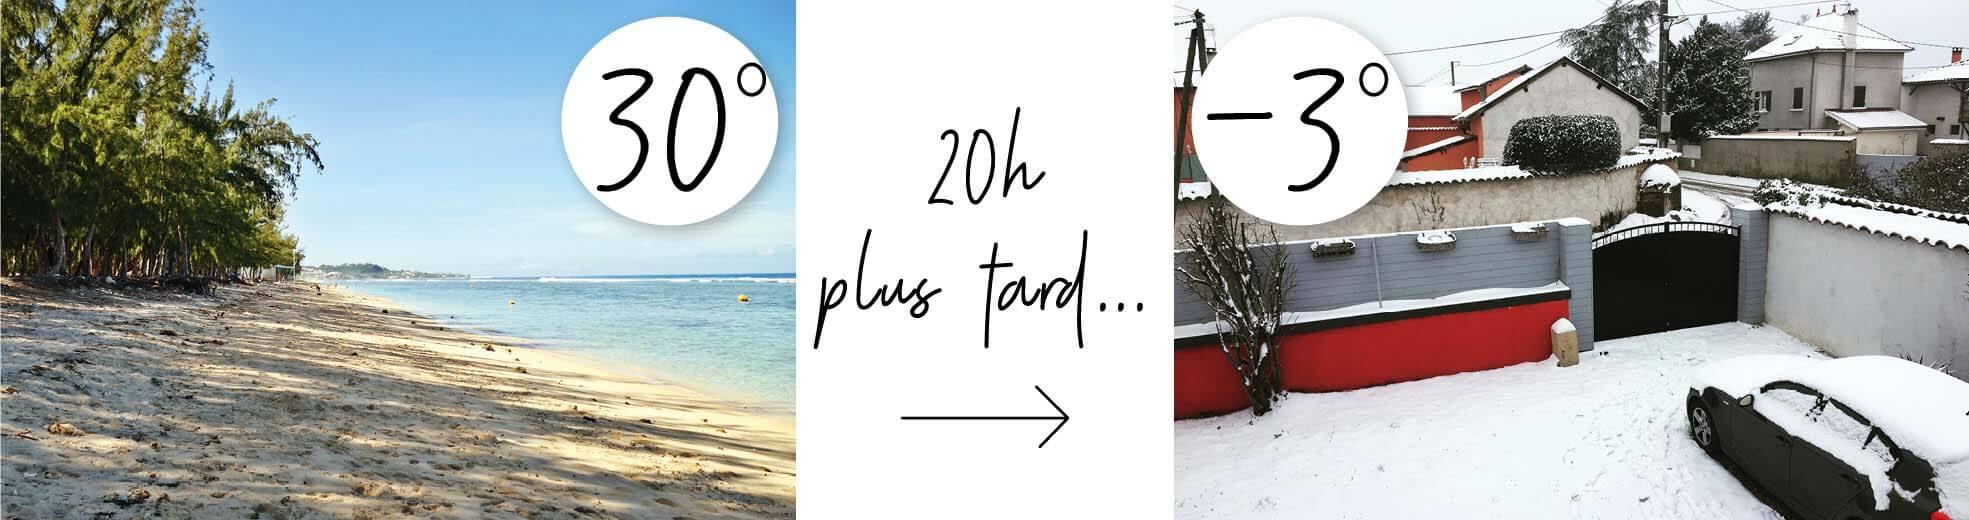 la réunion, la reunion, île, ile, voyage, France, plage, lagon, océan, neige, palmier, cocotier